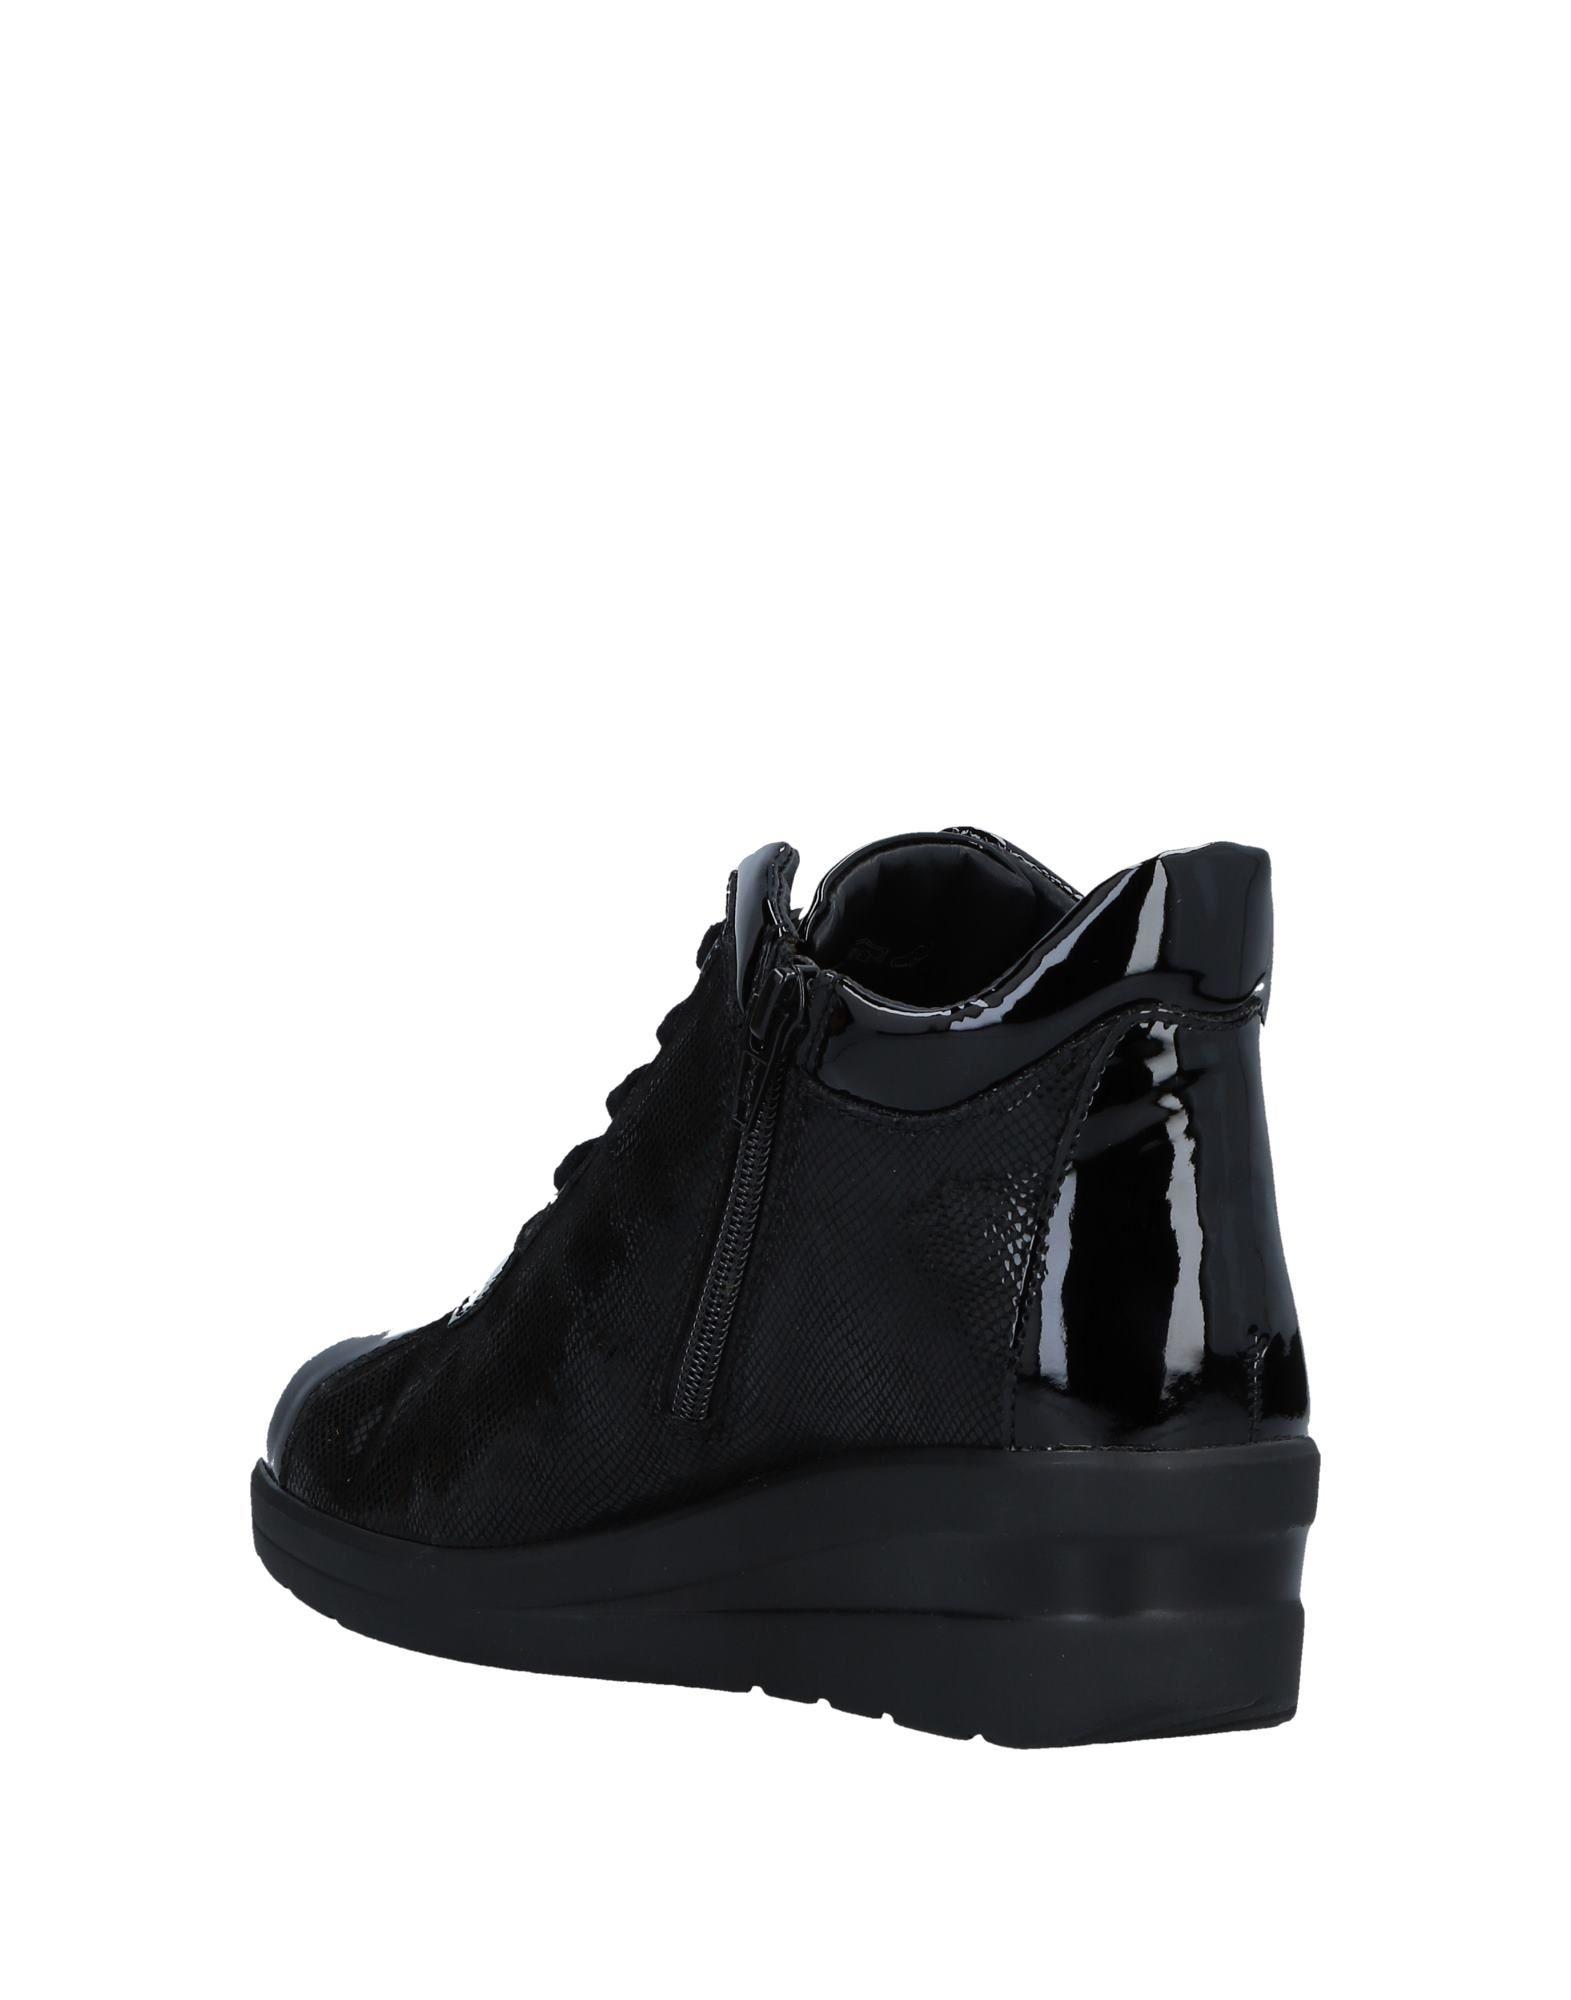 Cinzia Soft By Mauri 11534902GS Moda Sneakers Damen  11534902GS Mauri  c7e83f